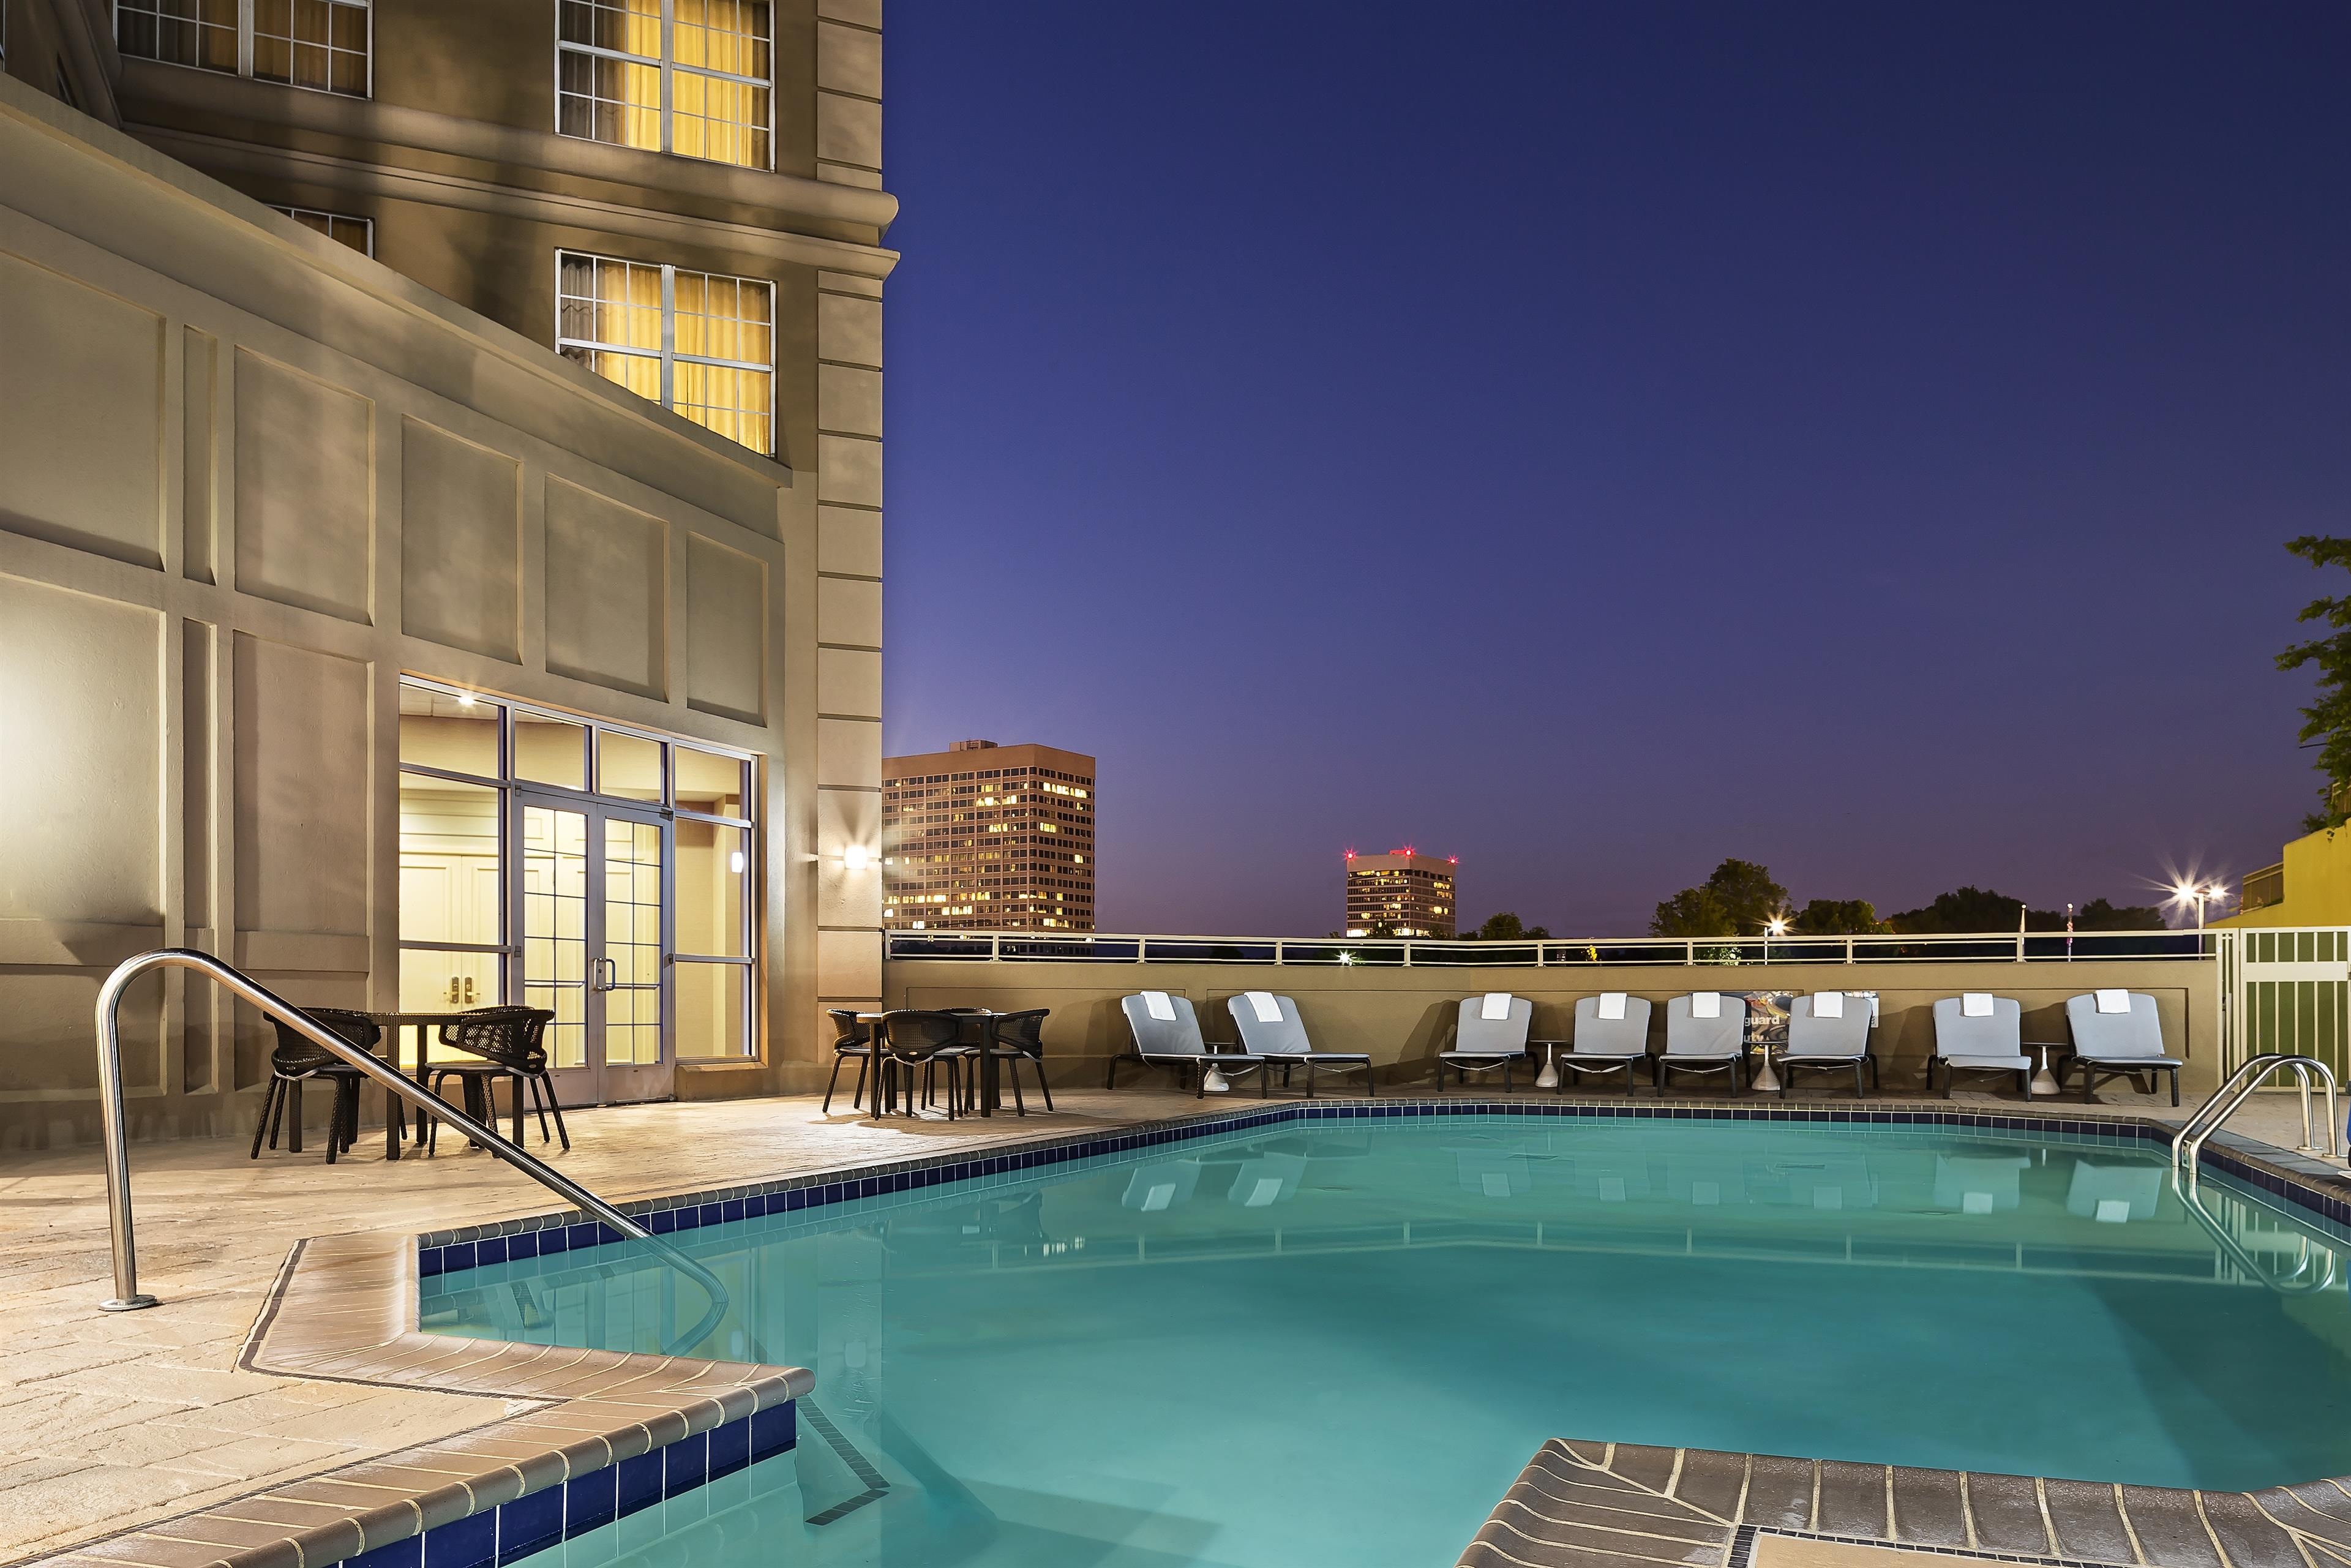 Sheraton Suites Galleria-Atlanta image 10